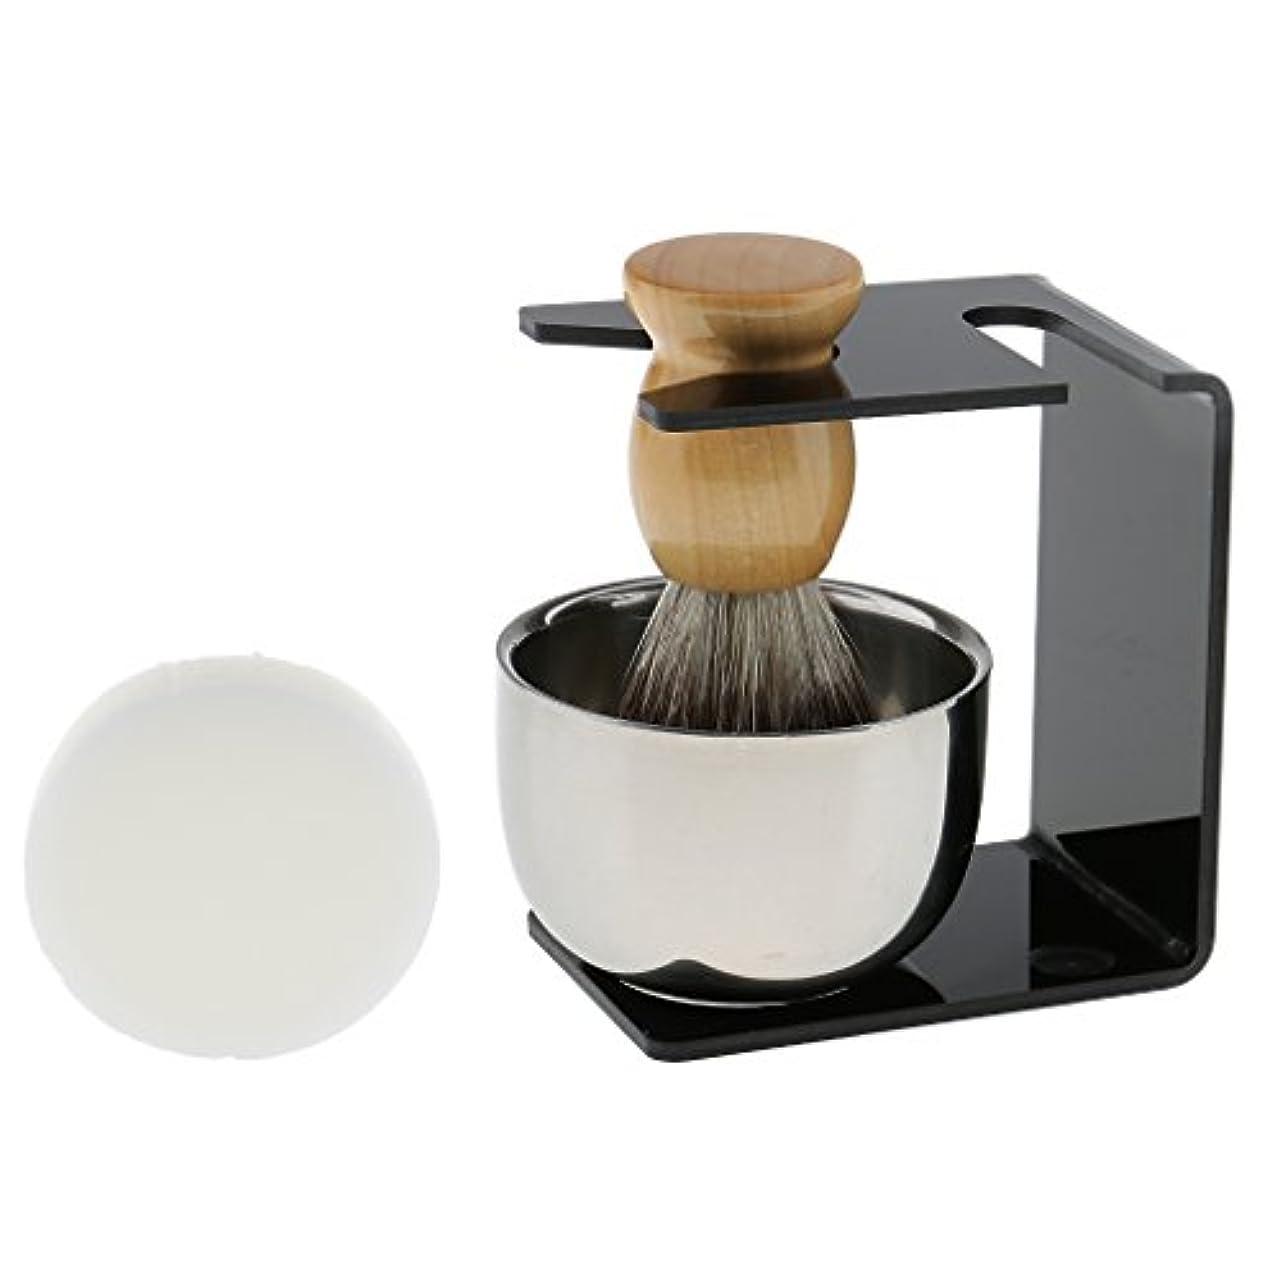 バイパス最高和解するシェービングブラシセット ステンレス製スタンド ブラシ 石鹸 シェイプのマグカップ 髭剃り ひげ メンズ 4点セット